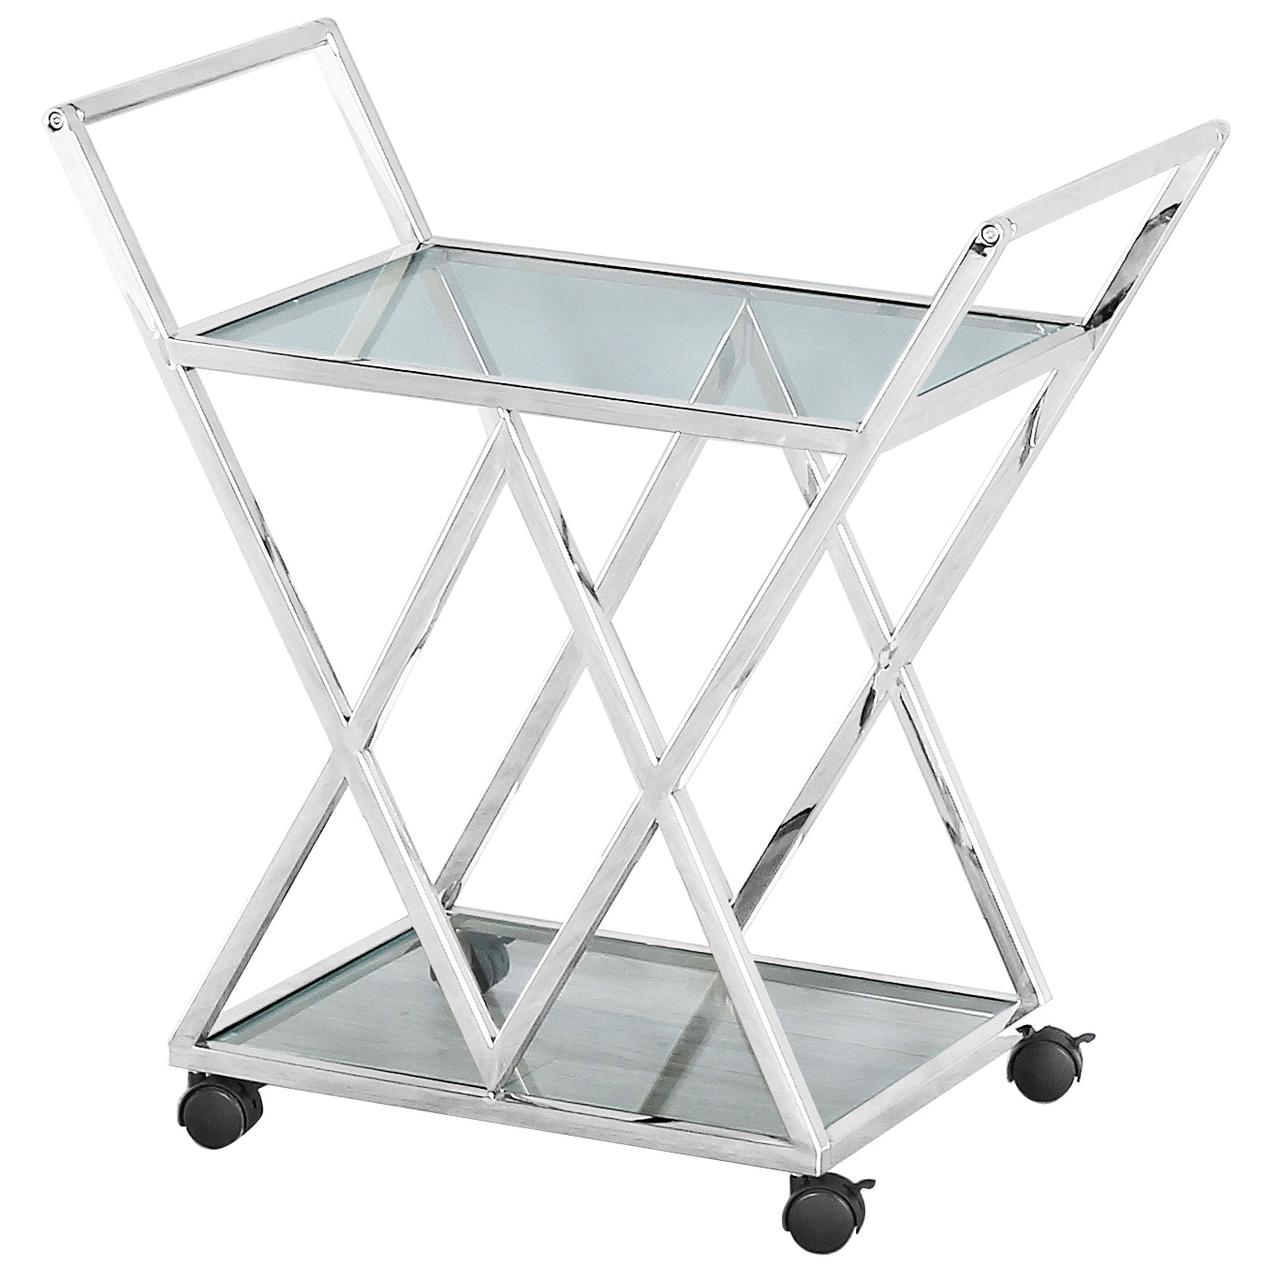 Сервировочный (журнальный) стол K-01 прозрачный + серебро от ТМ Vetro Mebel